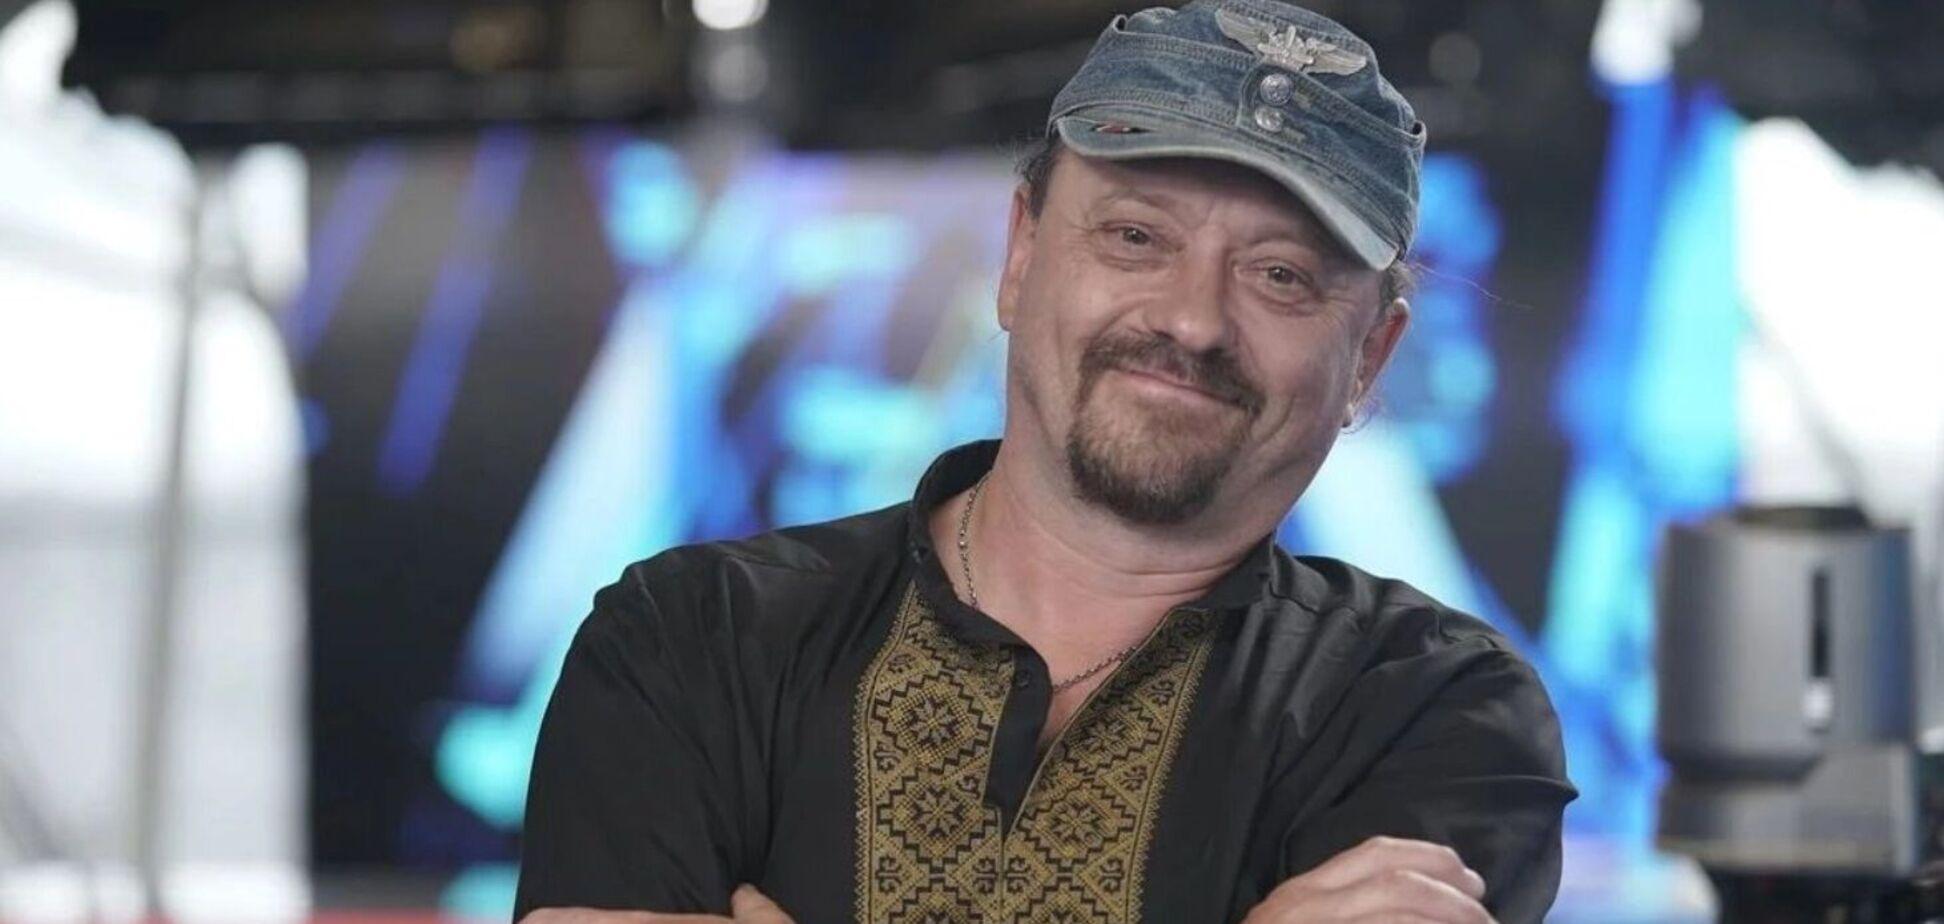 Сергей Поярков попал в реанимацию и перенес тяжелую операцию на сердце